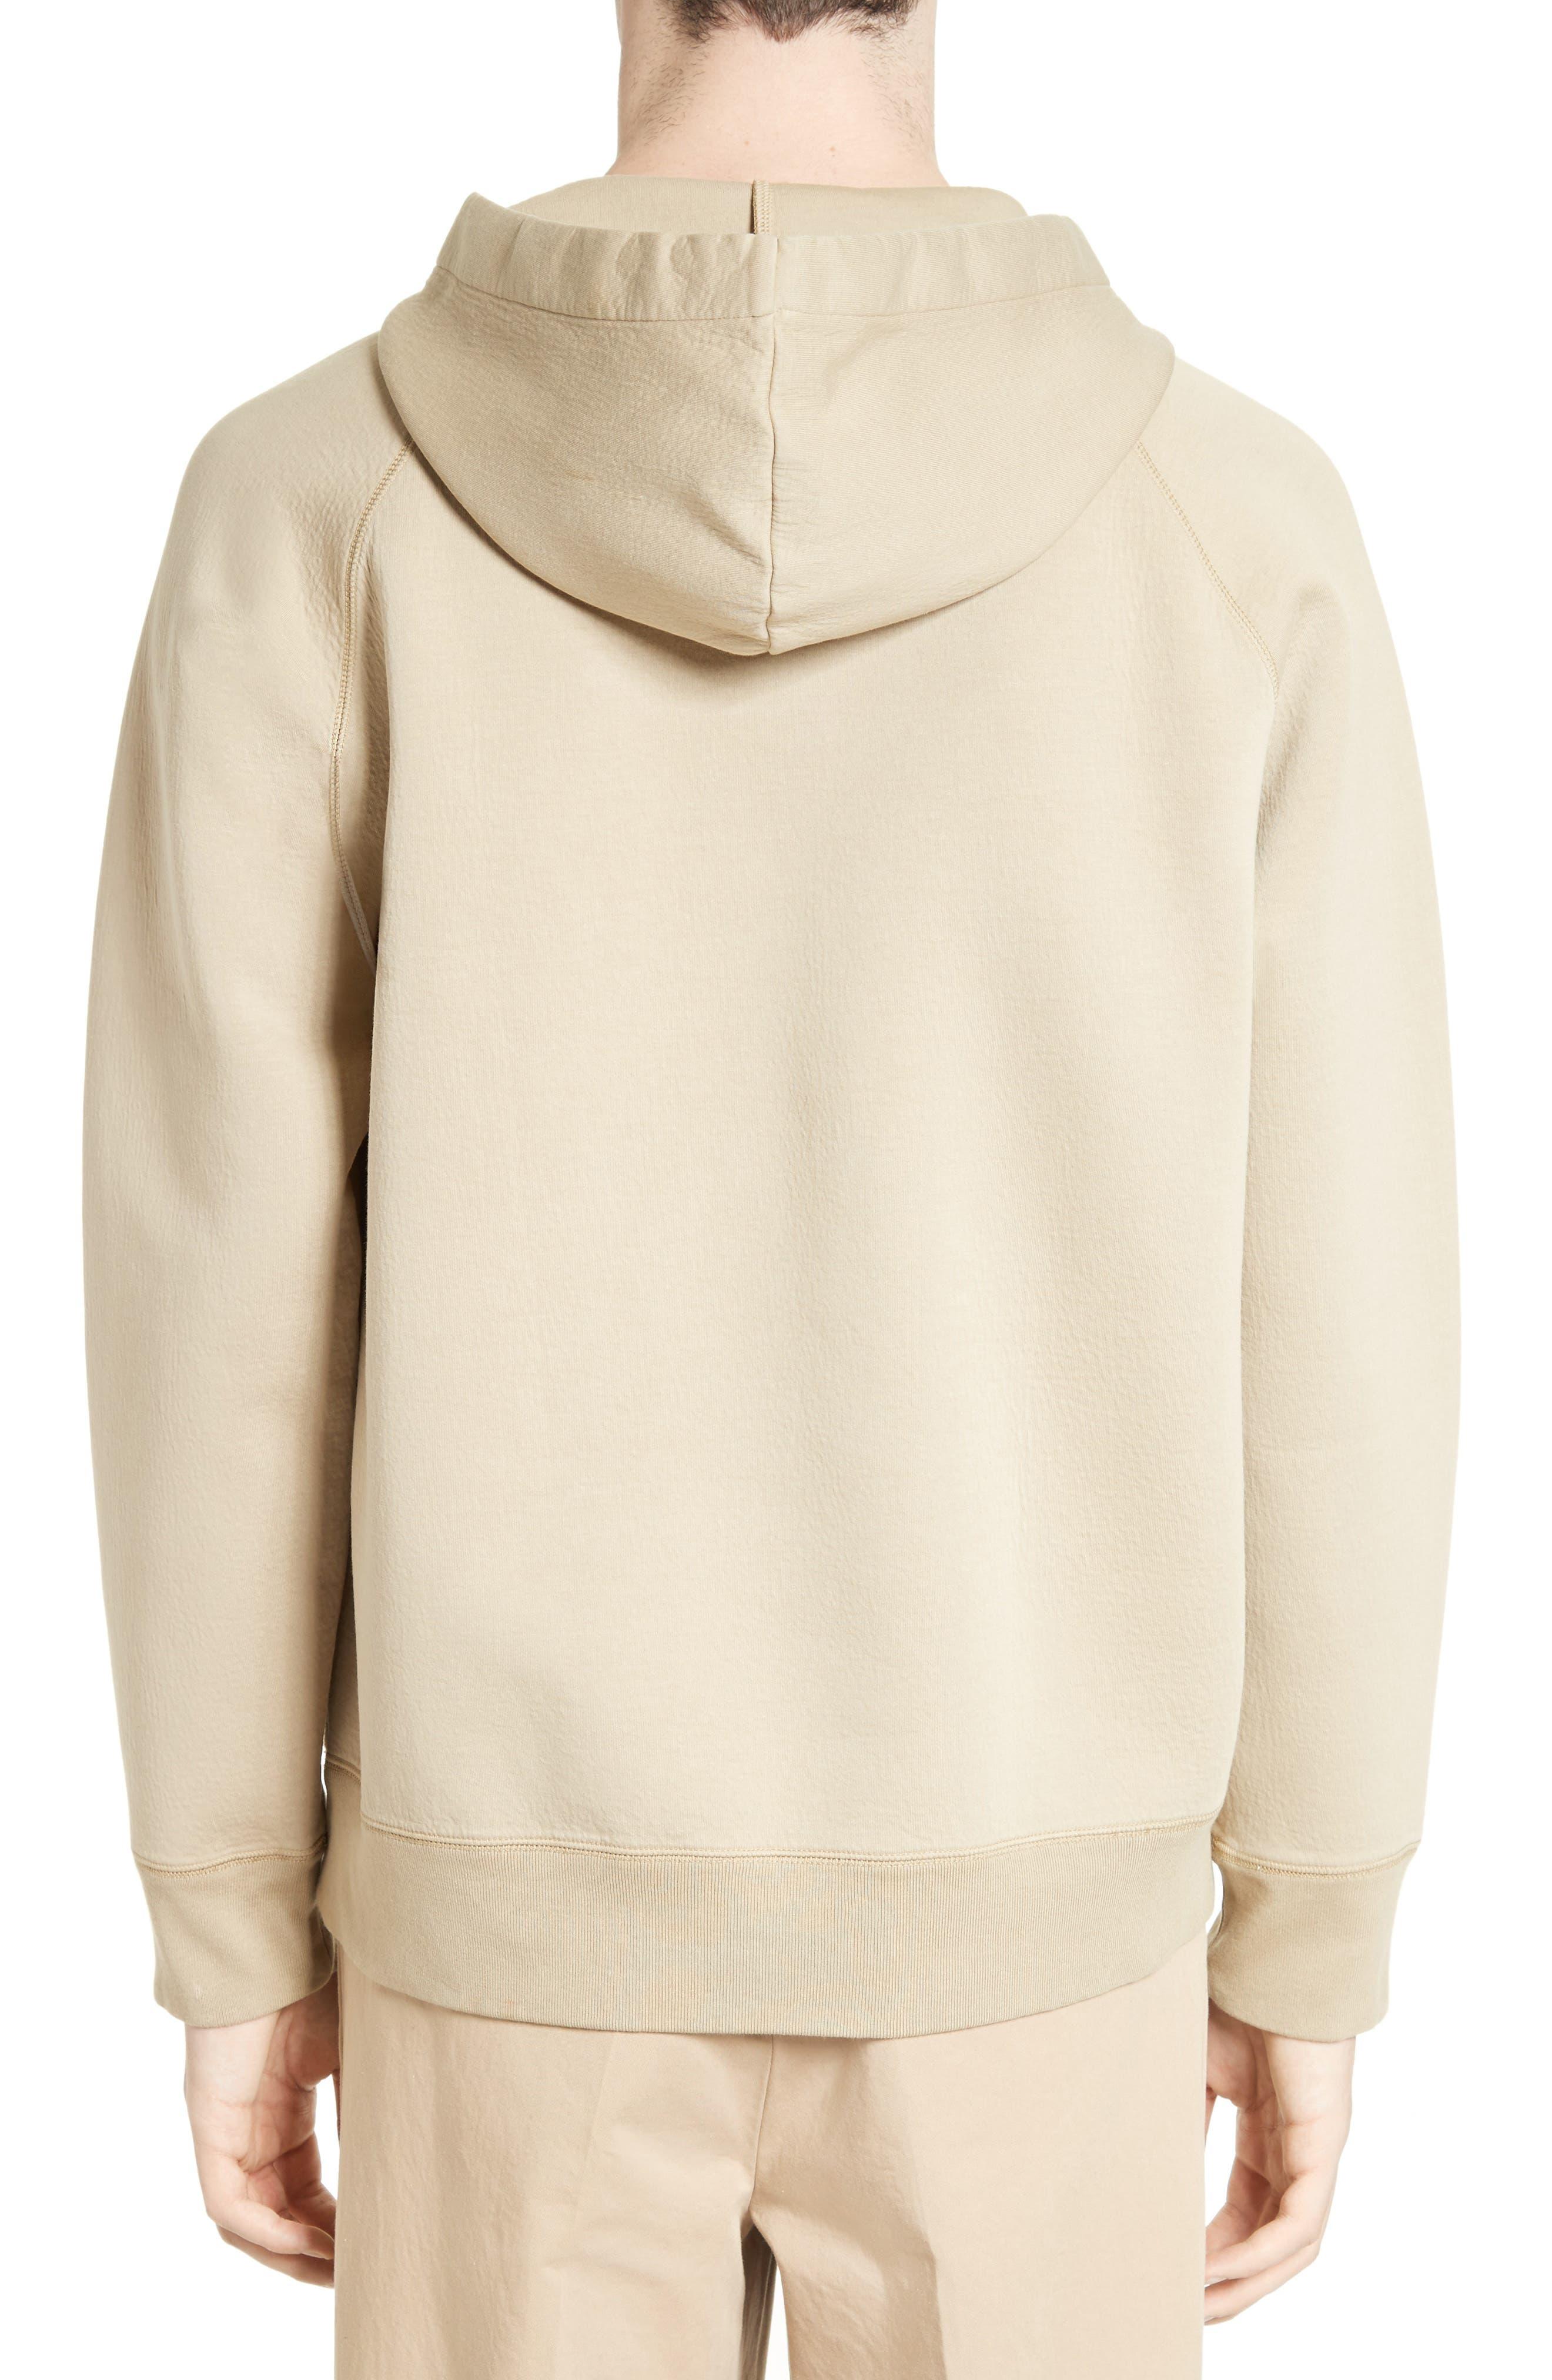 Scuba Hooded Sweatshirt,                             Alternate thumbnail 2, color,                             250